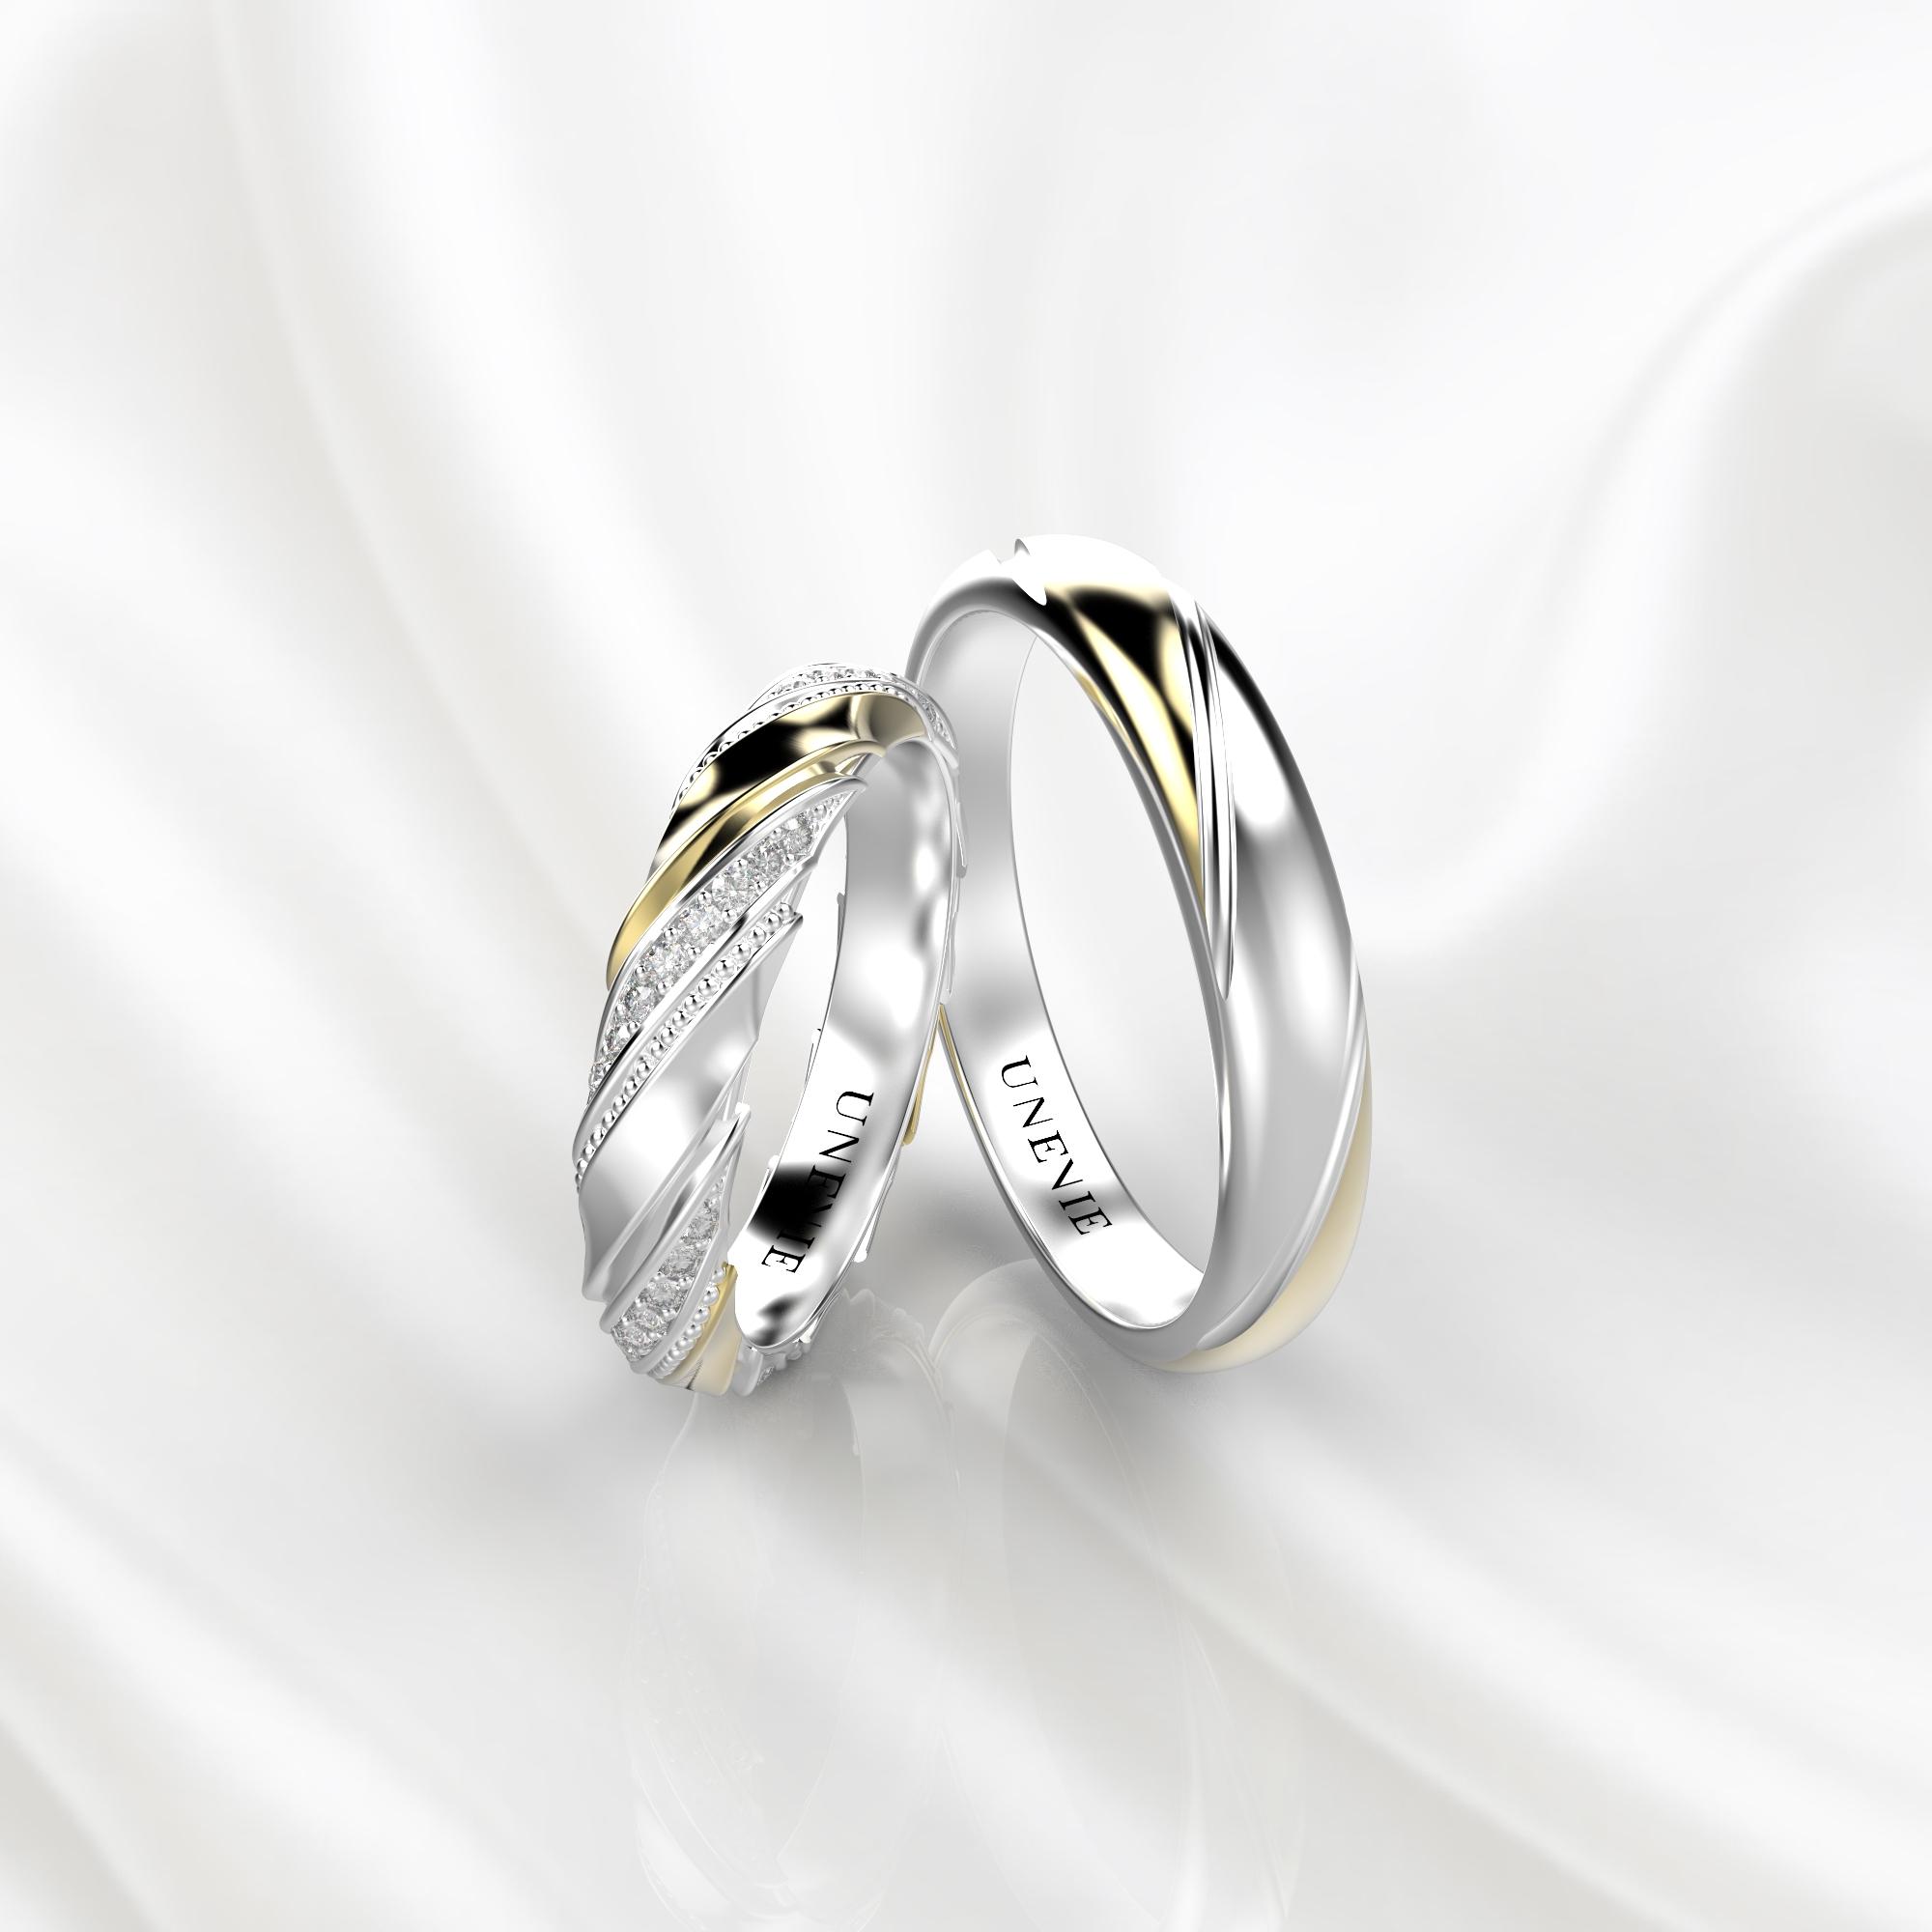 NV50 Парные обручальные кольца из бело-желтого золота с бриллиантами